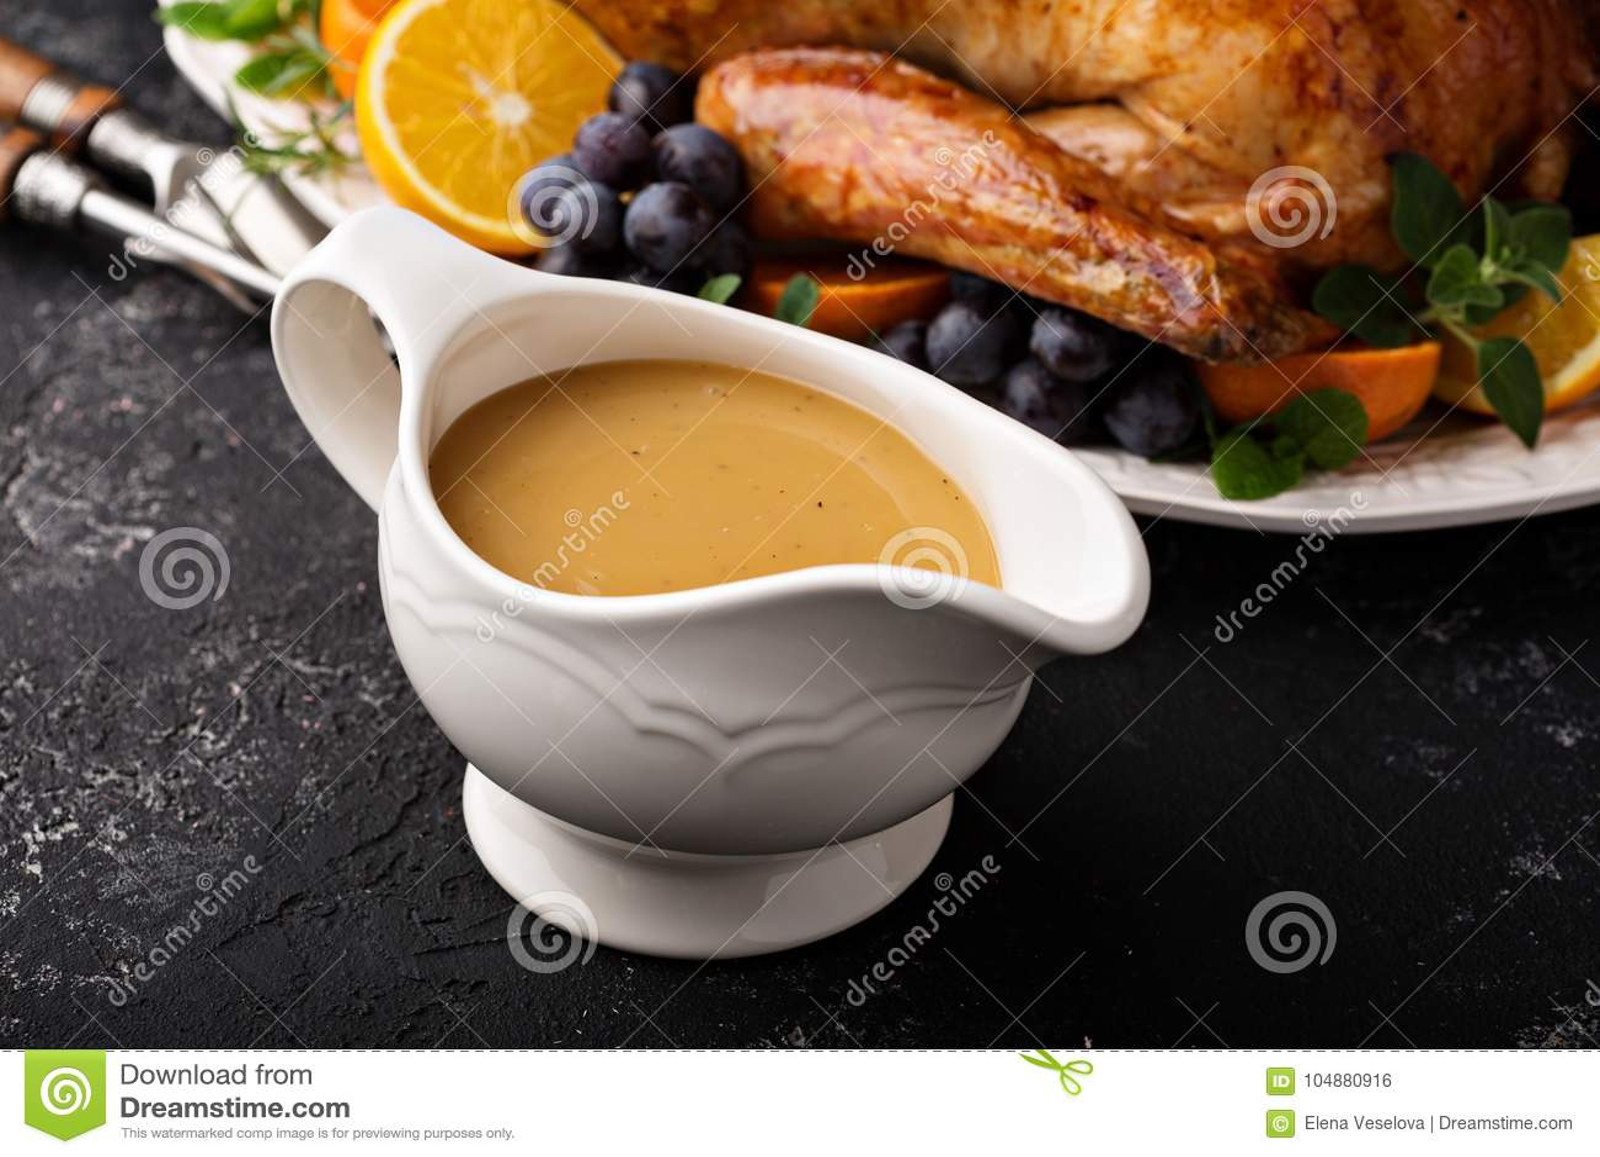 Molho caseiro em um prato do molho com peru